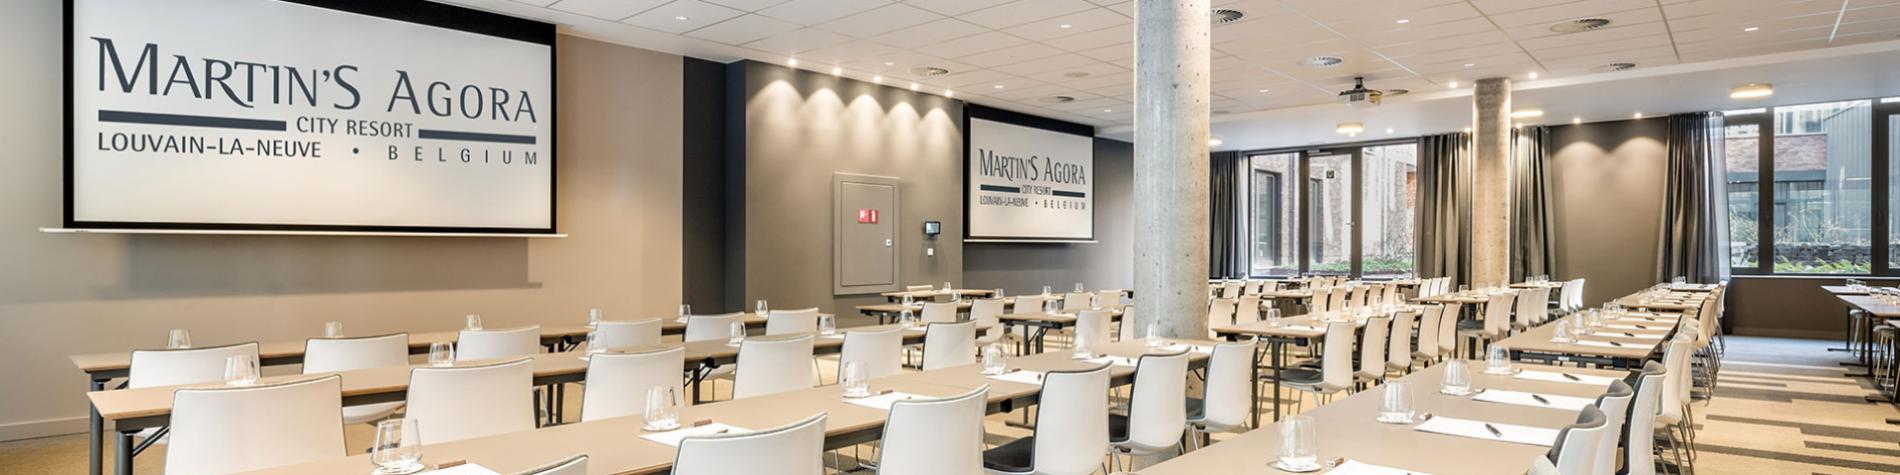 salle de réunion boardroom avec écran de projection dans un hôtel d'affaires à Louvain-La-Neuve